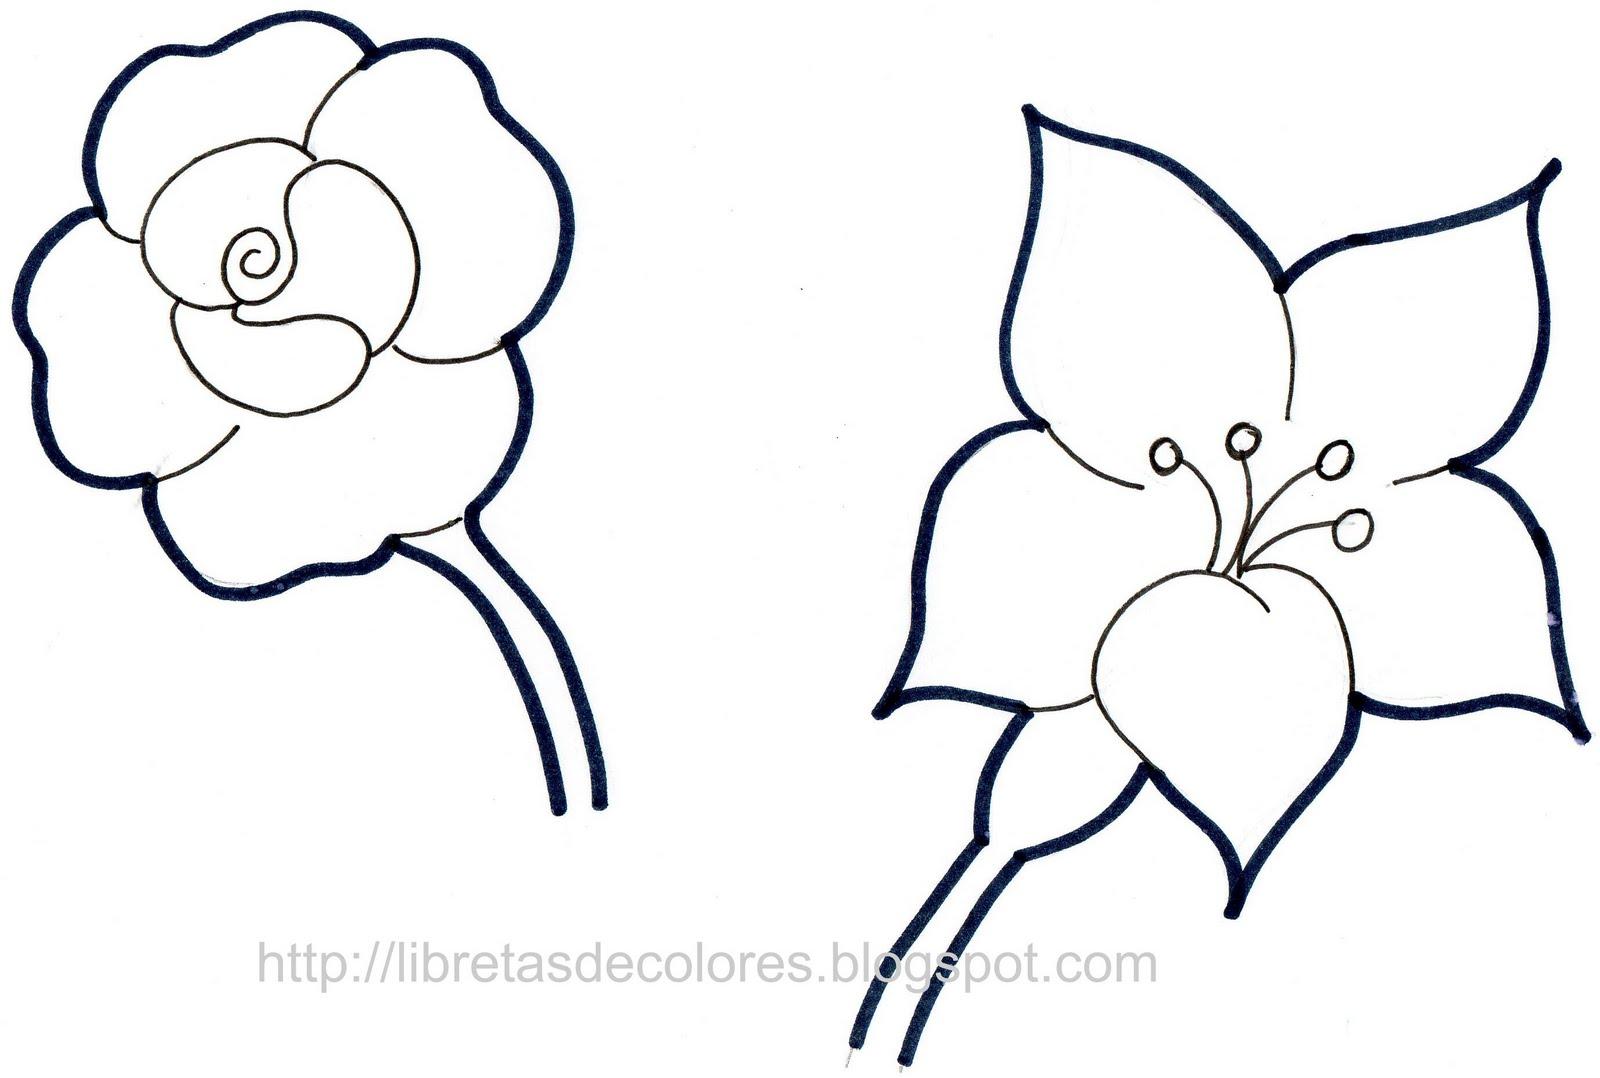 Dibujo Para Colorear Libreta: Libretas De Colores: DIBUJOS PARA LA PRIMAVERA